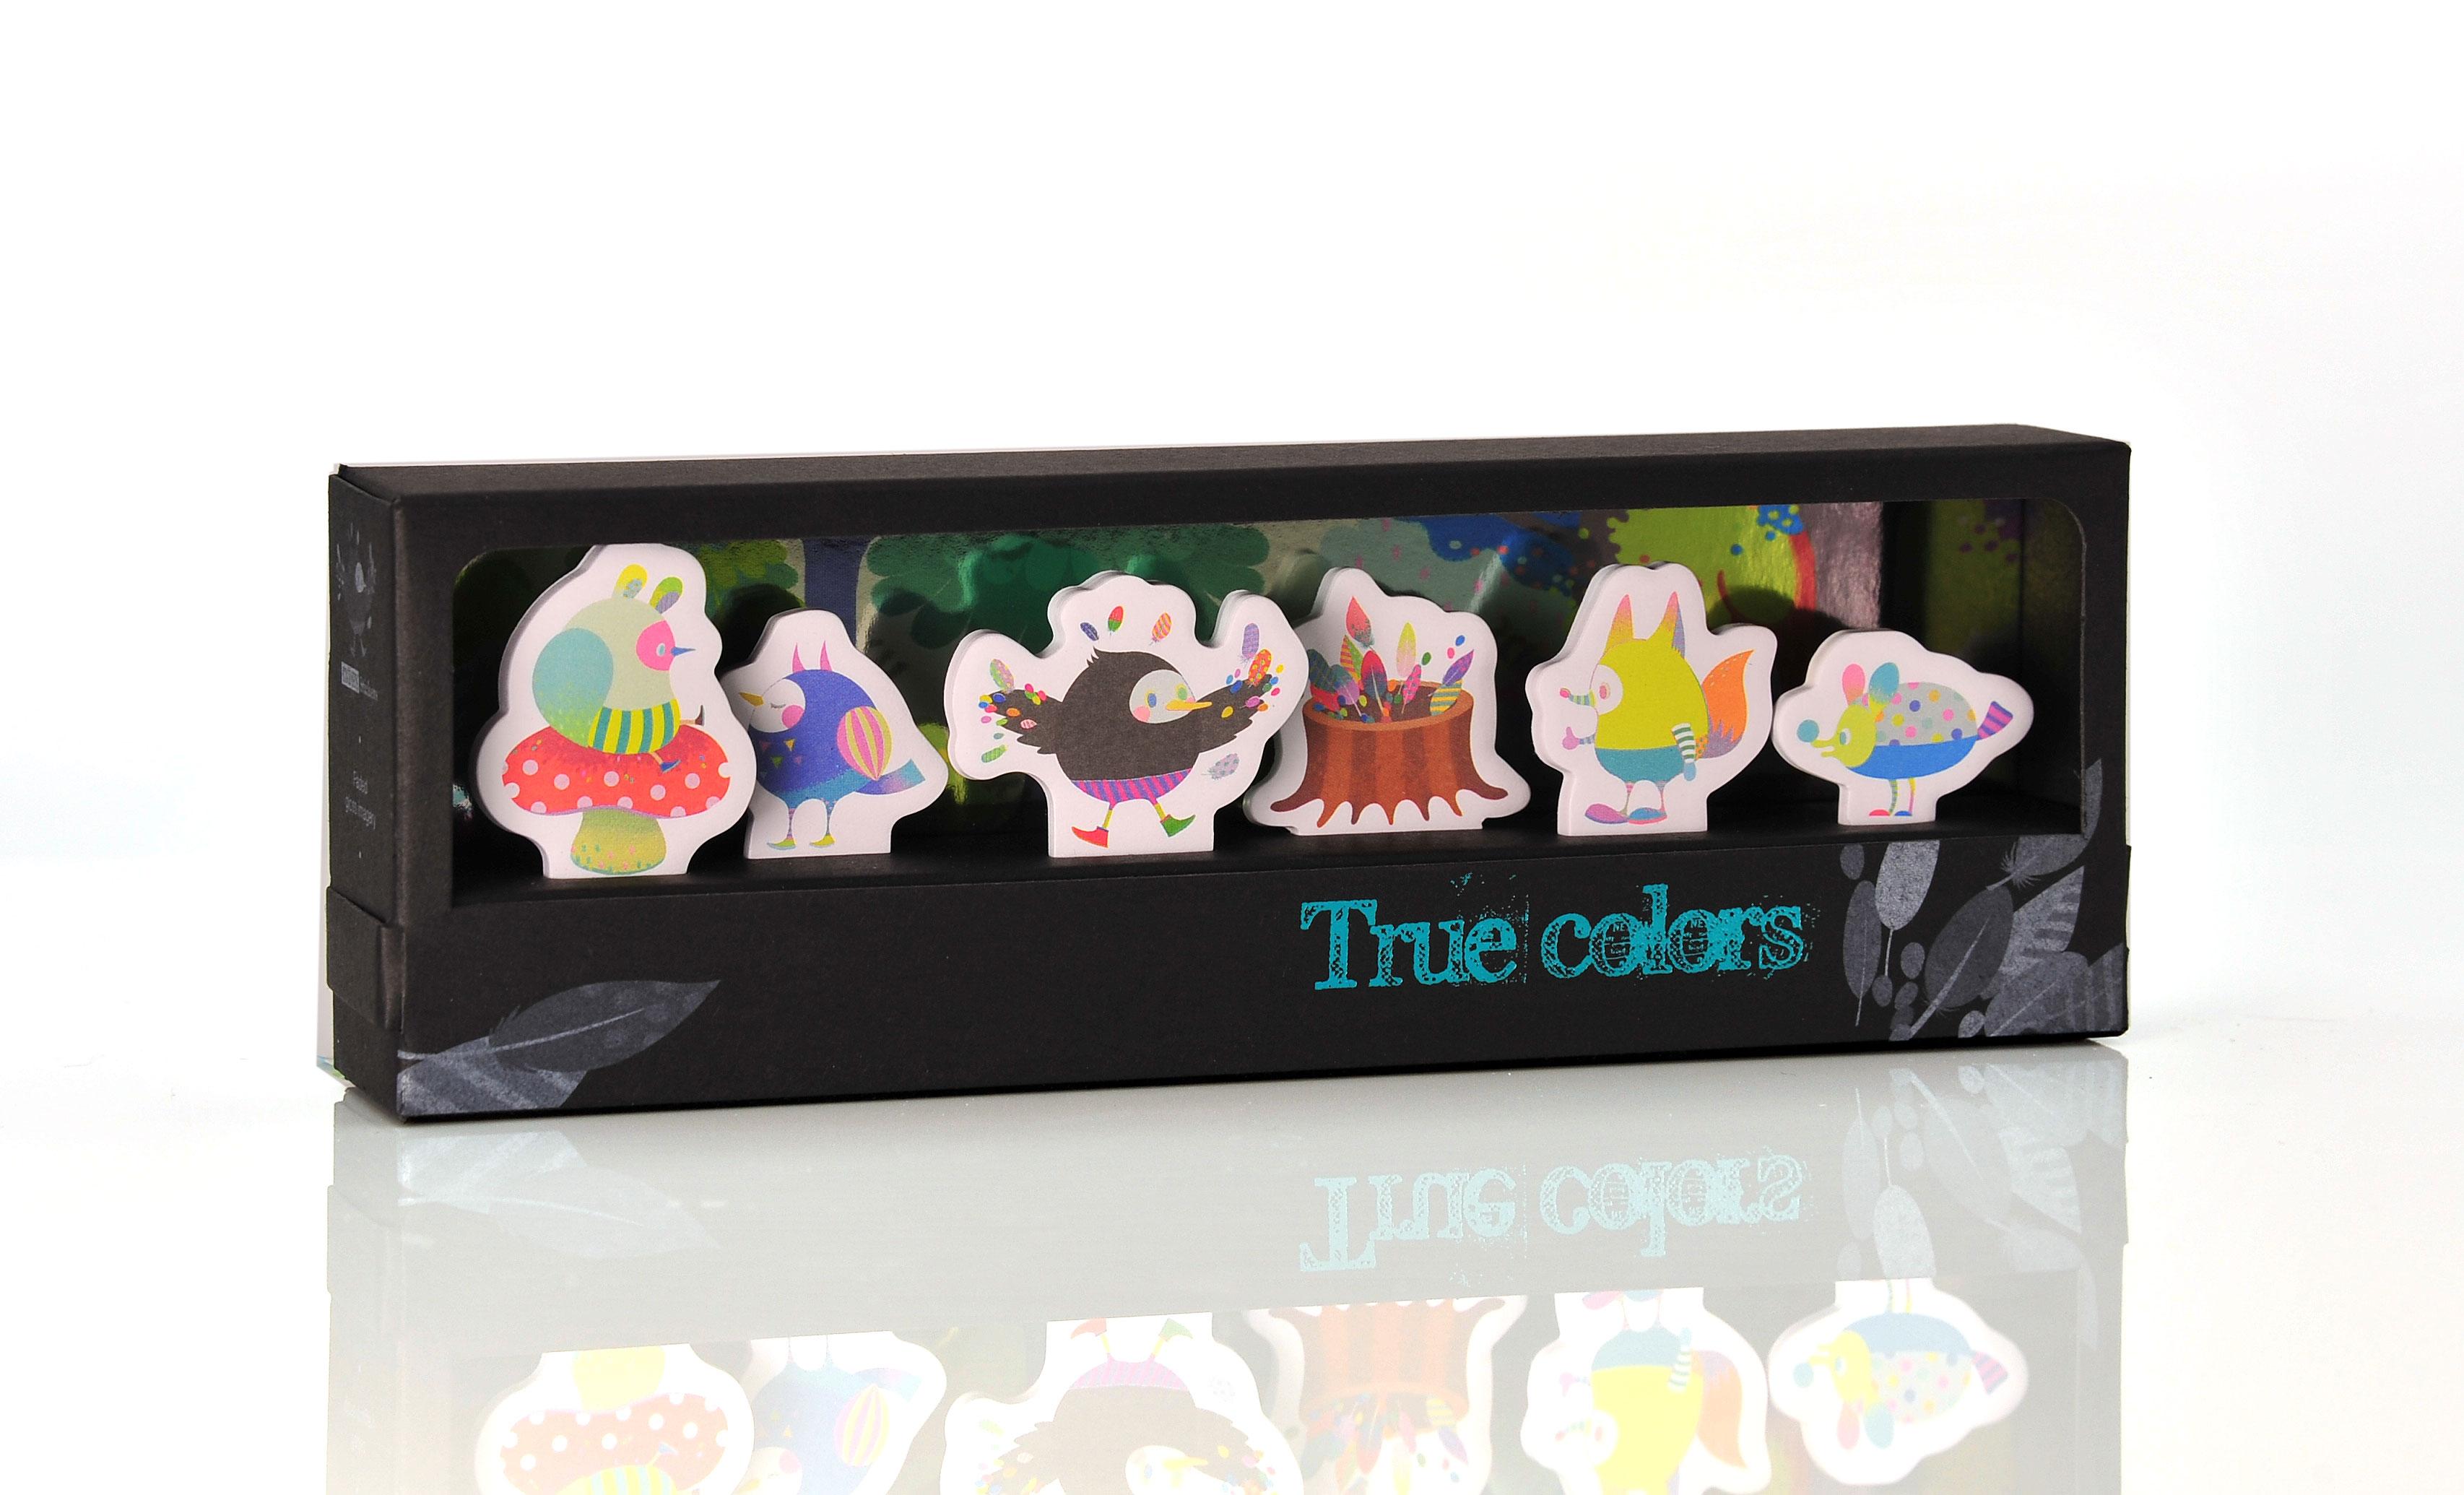 【Miccudo】小鳥 烏鴉 彩色羽毛 作自己 真實的顏色 索引貼書籤 《聖誕禮 》(6款*各20張)